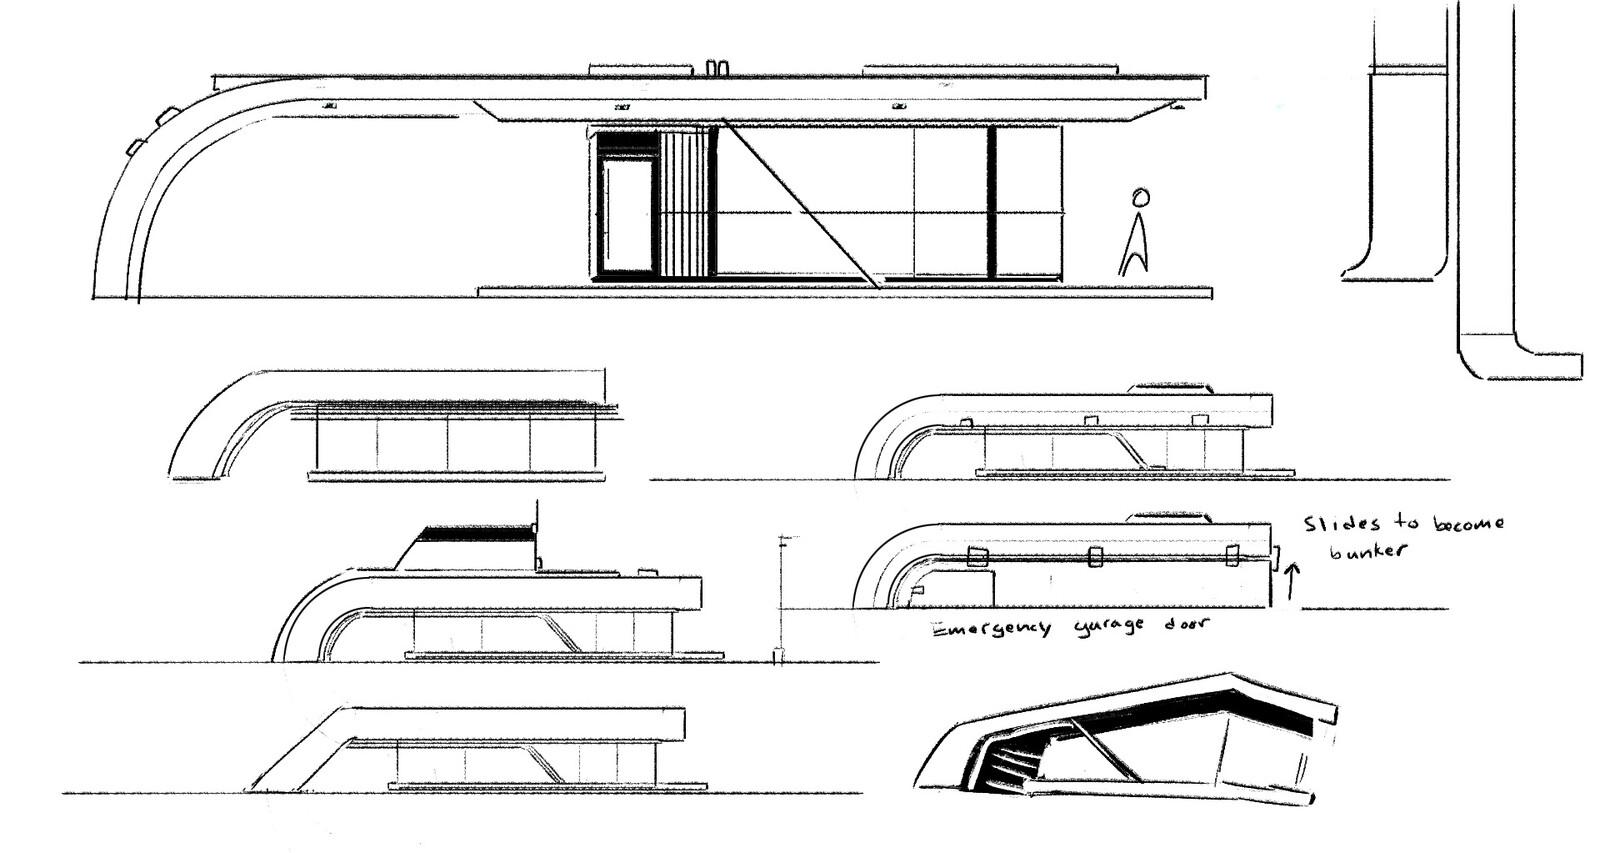 original sketches and ideas